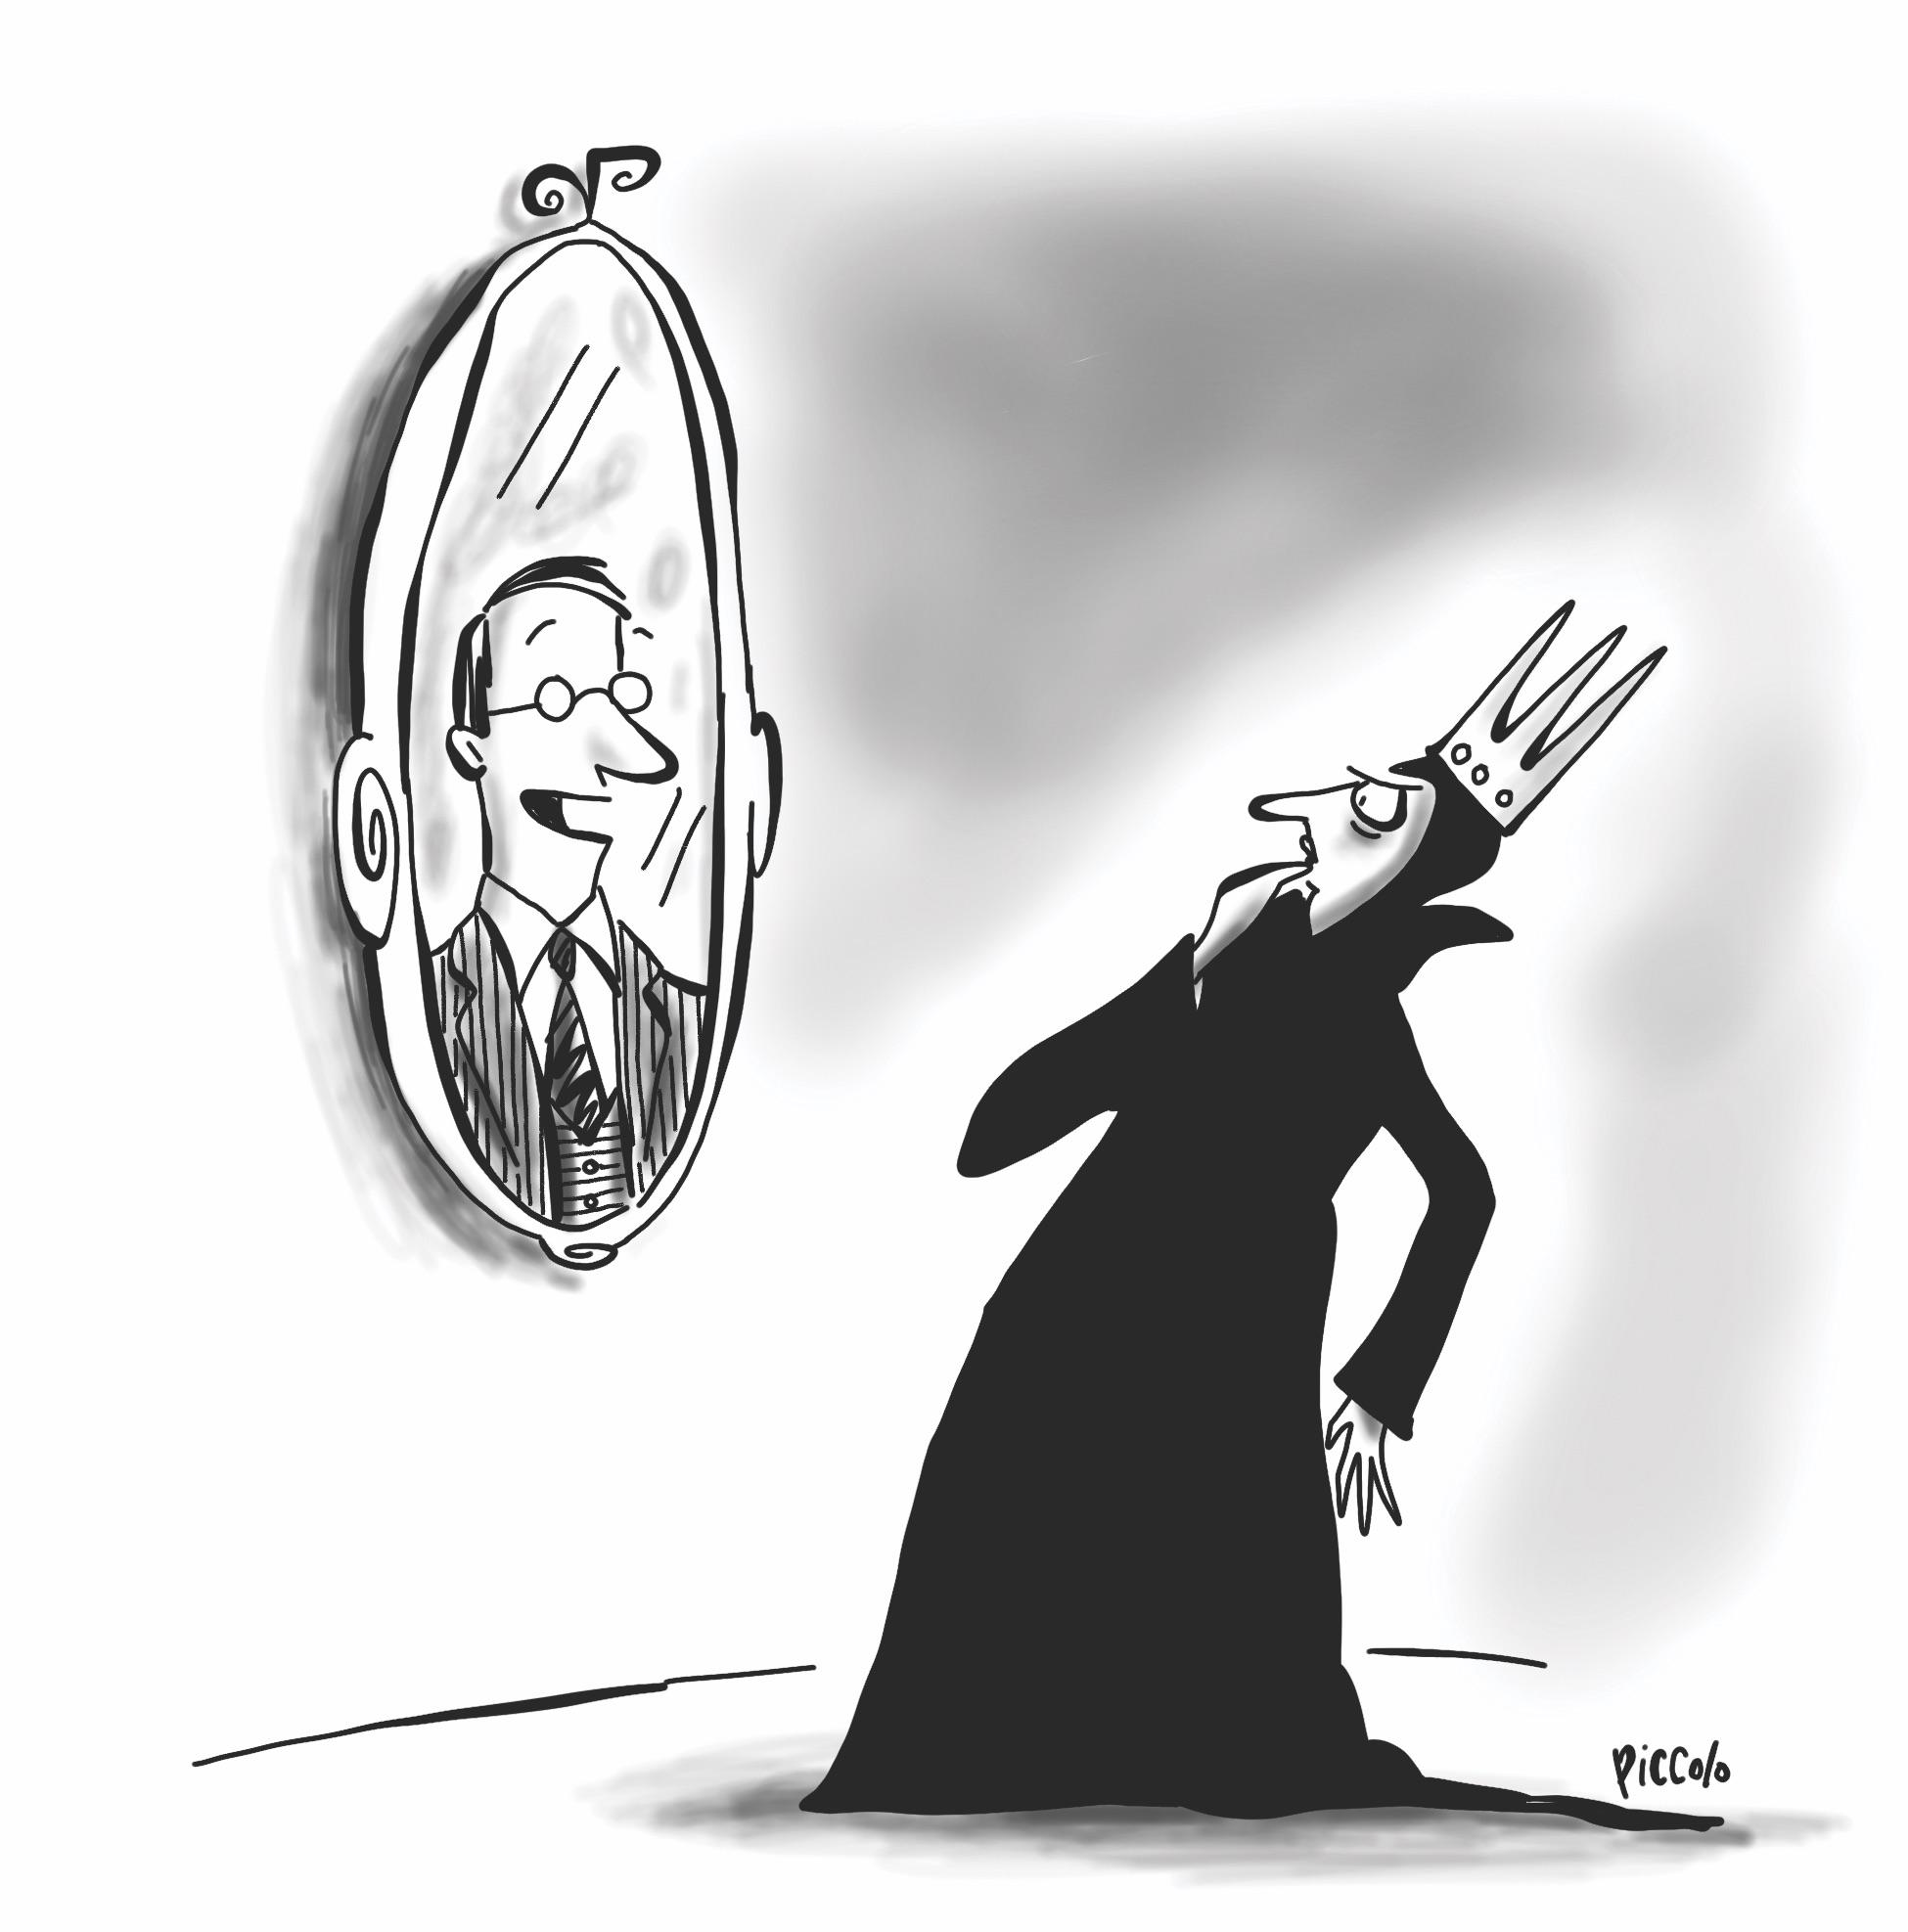 May 2019 cartoon